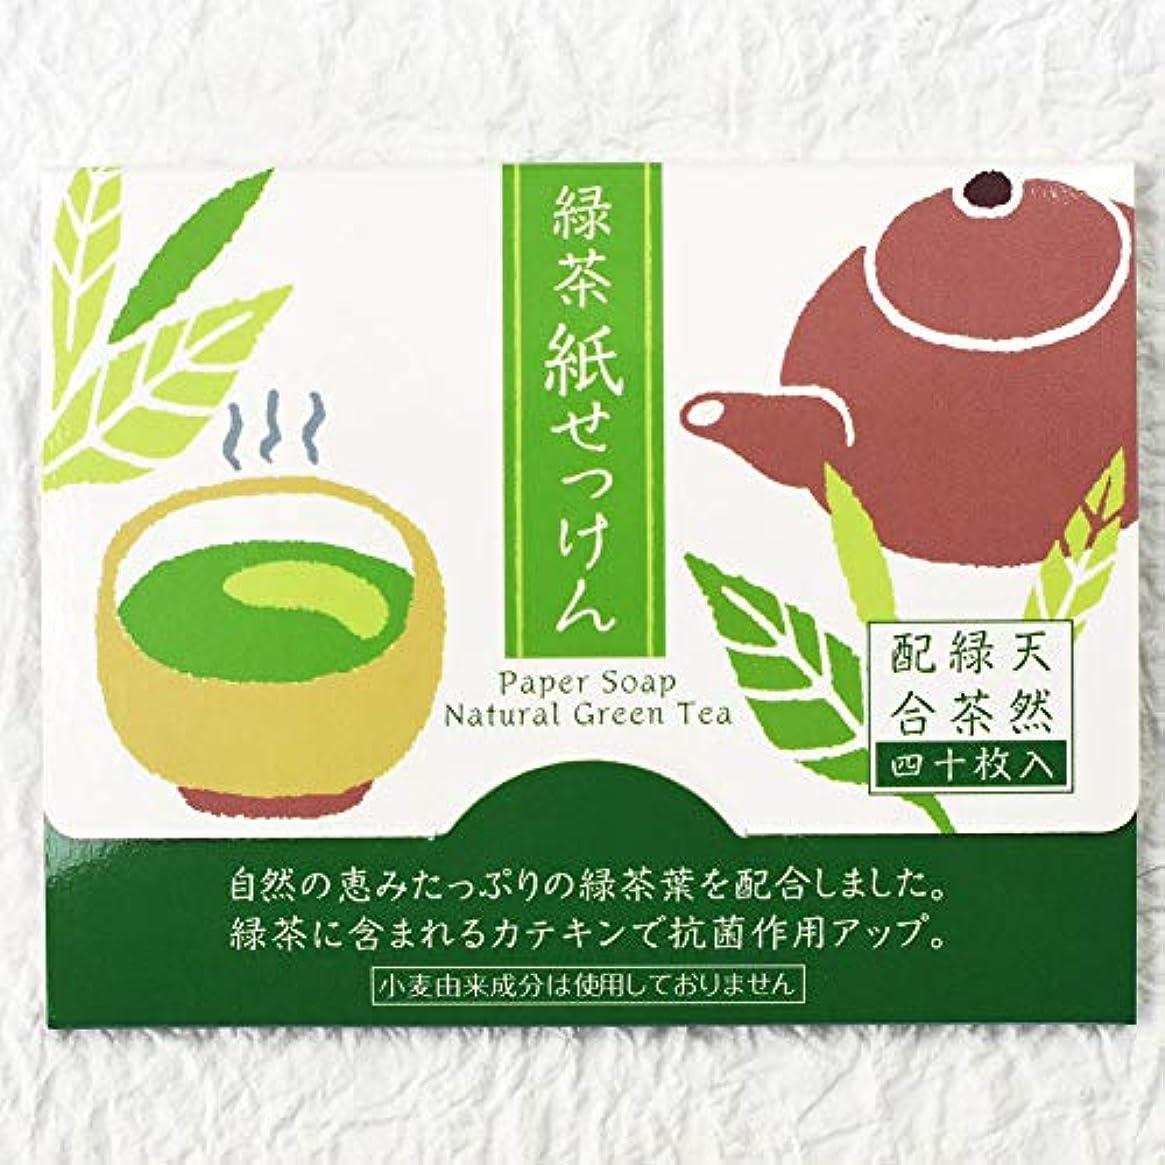 学習者発表する意味する表現社 紙せっけん 天然緑茶配合 22-289